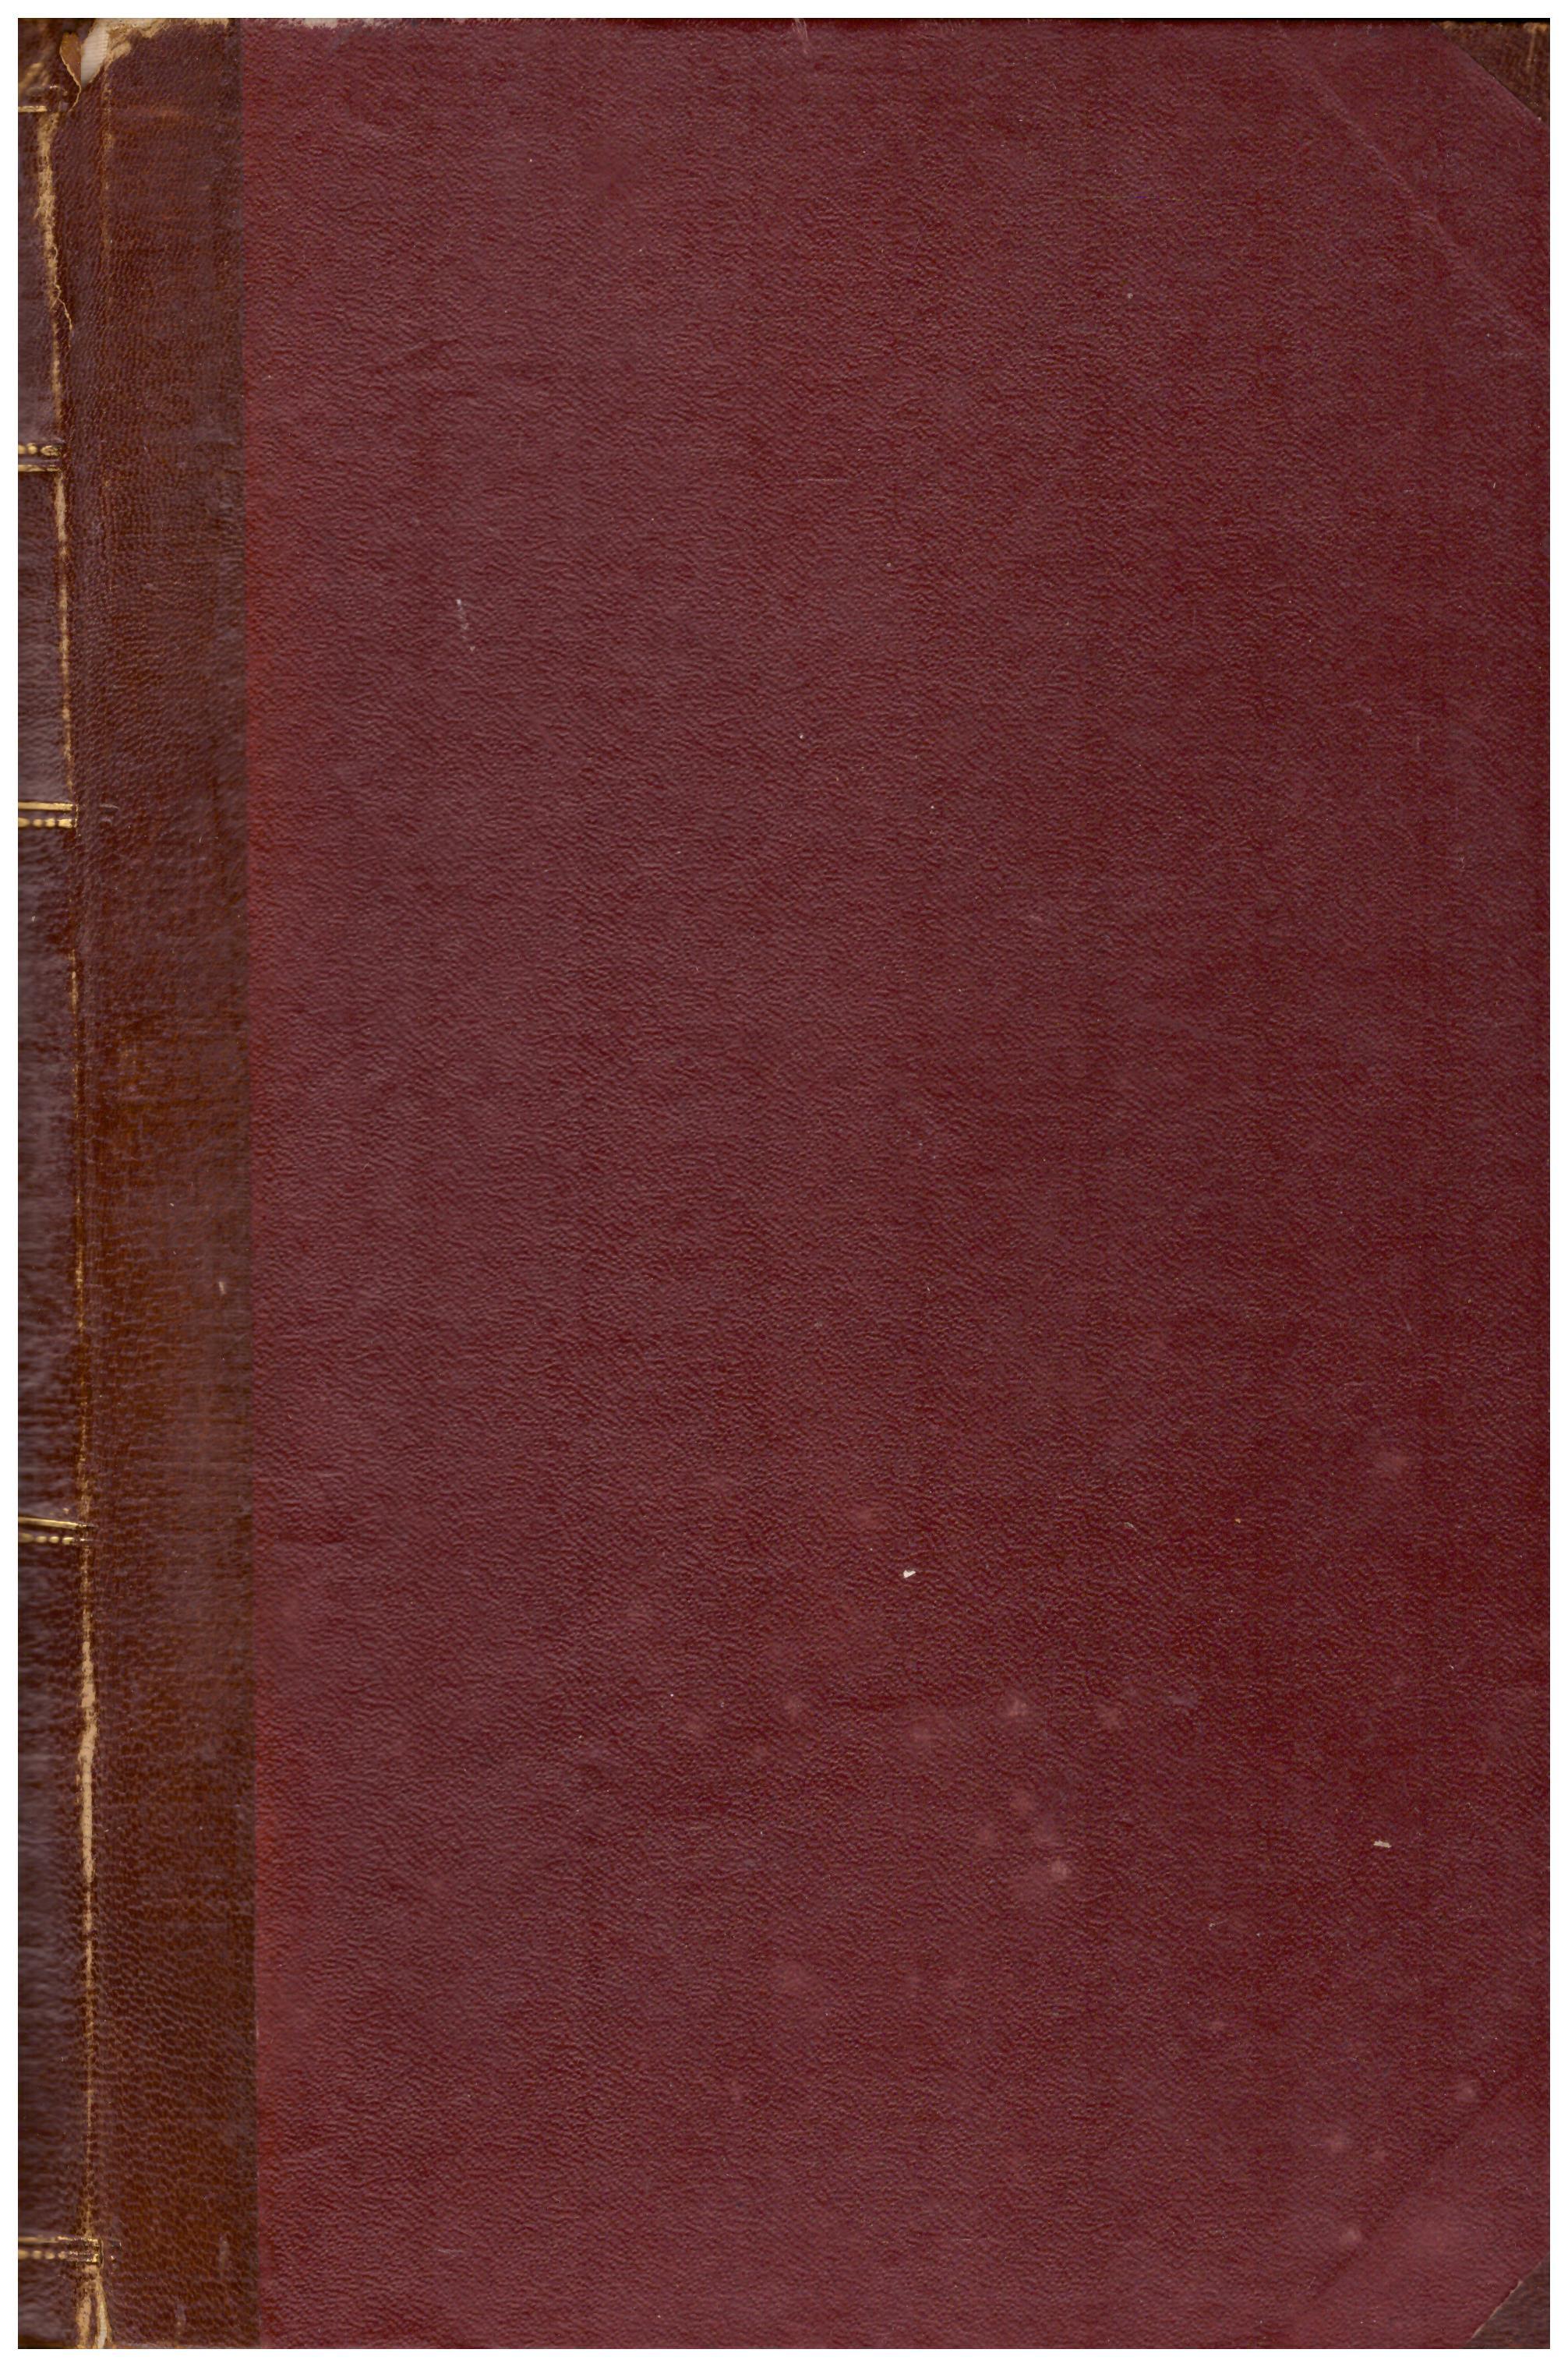 Titolo: Canti Vol. 1 Autore: Giacomo Leopardi, edizione critica di Francesco Moroncini Editore: Licinio Cappelli, Bologna 1927